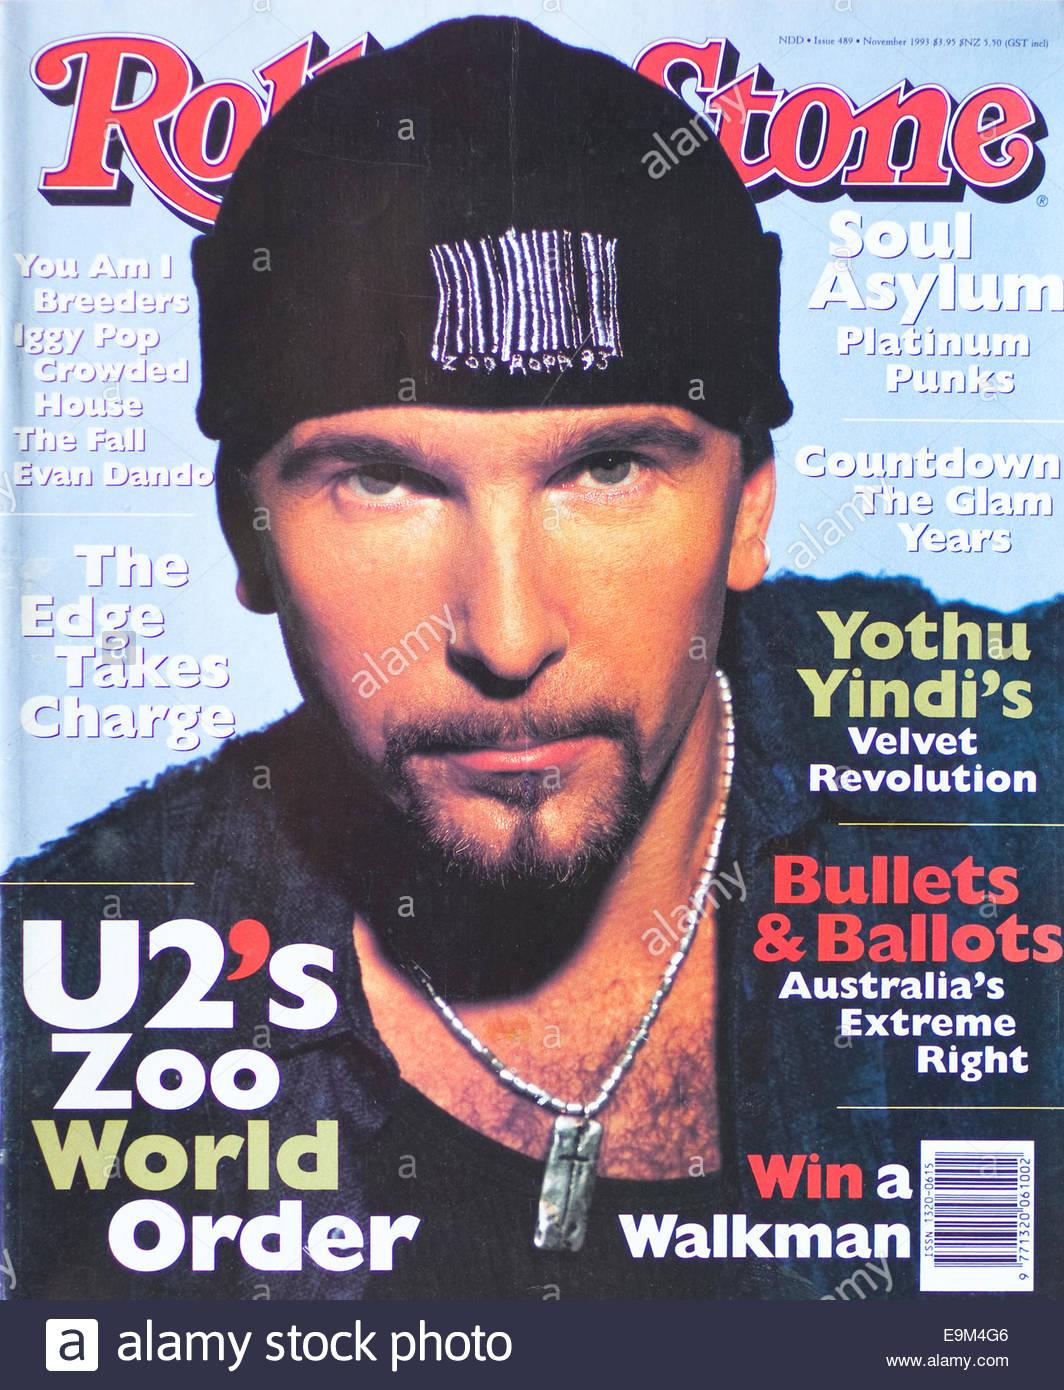 Rolling Stone Magazine February 1993 - U2, The Edge - Stock Image